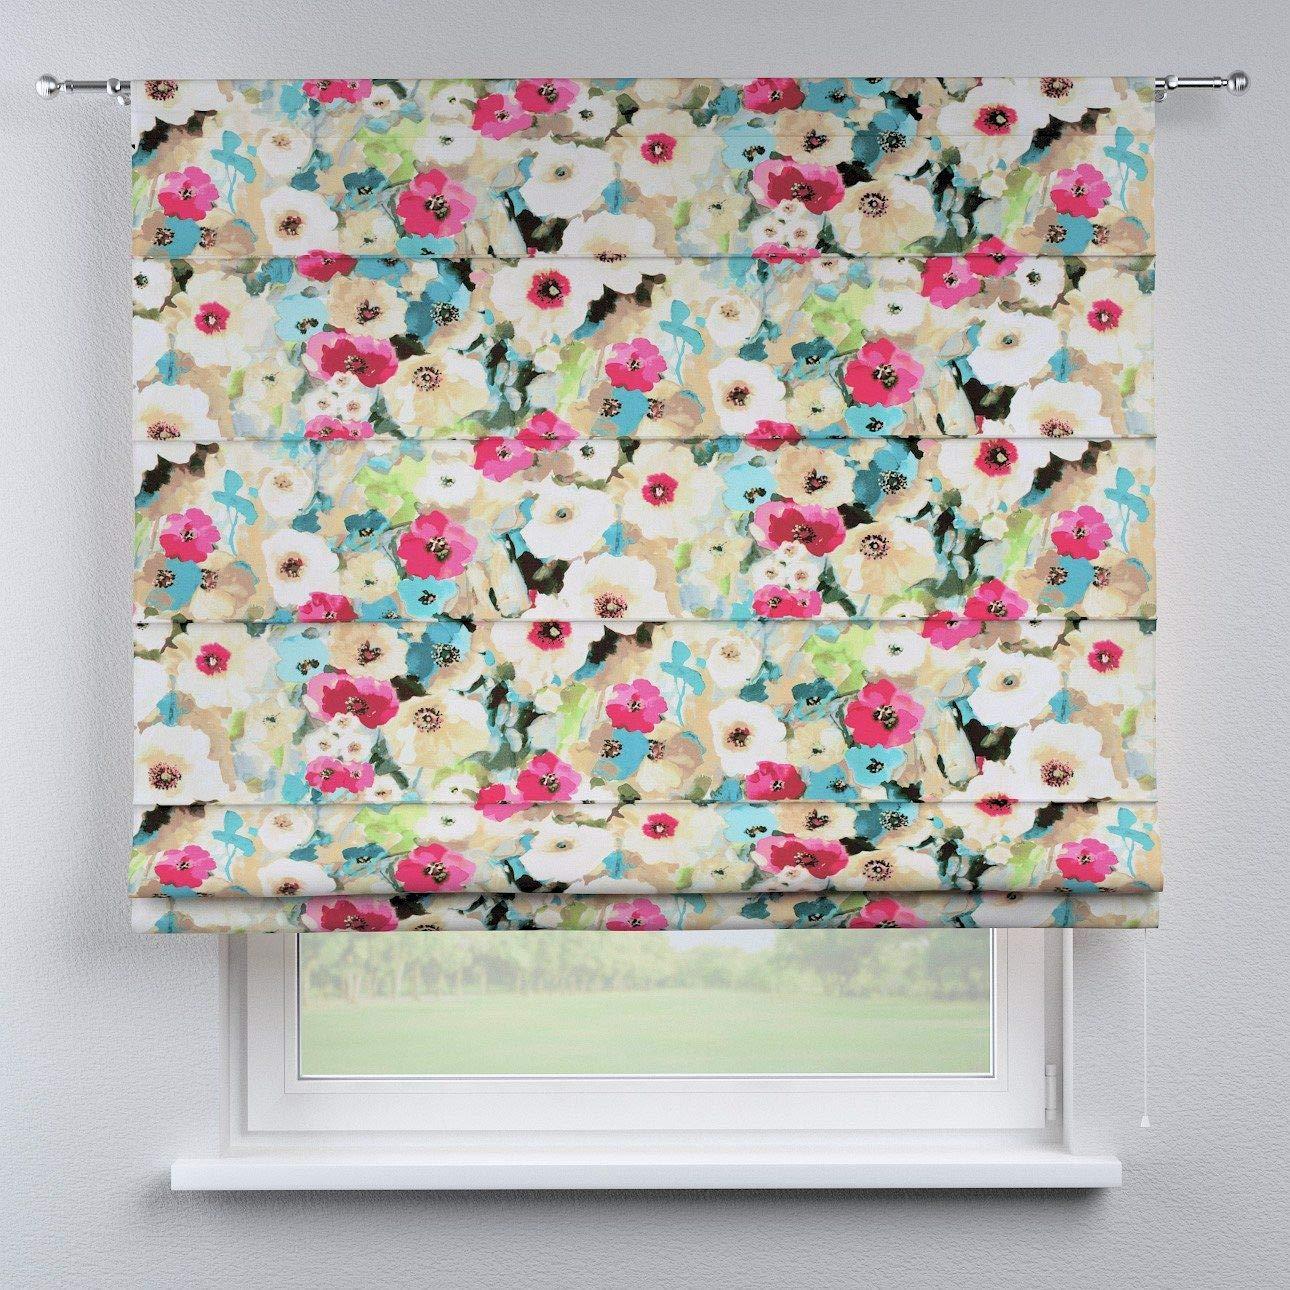 Dekoria Raffrollo Torino ohne Bohren Blickdicht Faltvorhang Raffgardine Wohnzimmer Schlafzimmer Kinderzimmer 130 × 170 cm bunt Raffrollos auf Maß maßanfertigung möglich